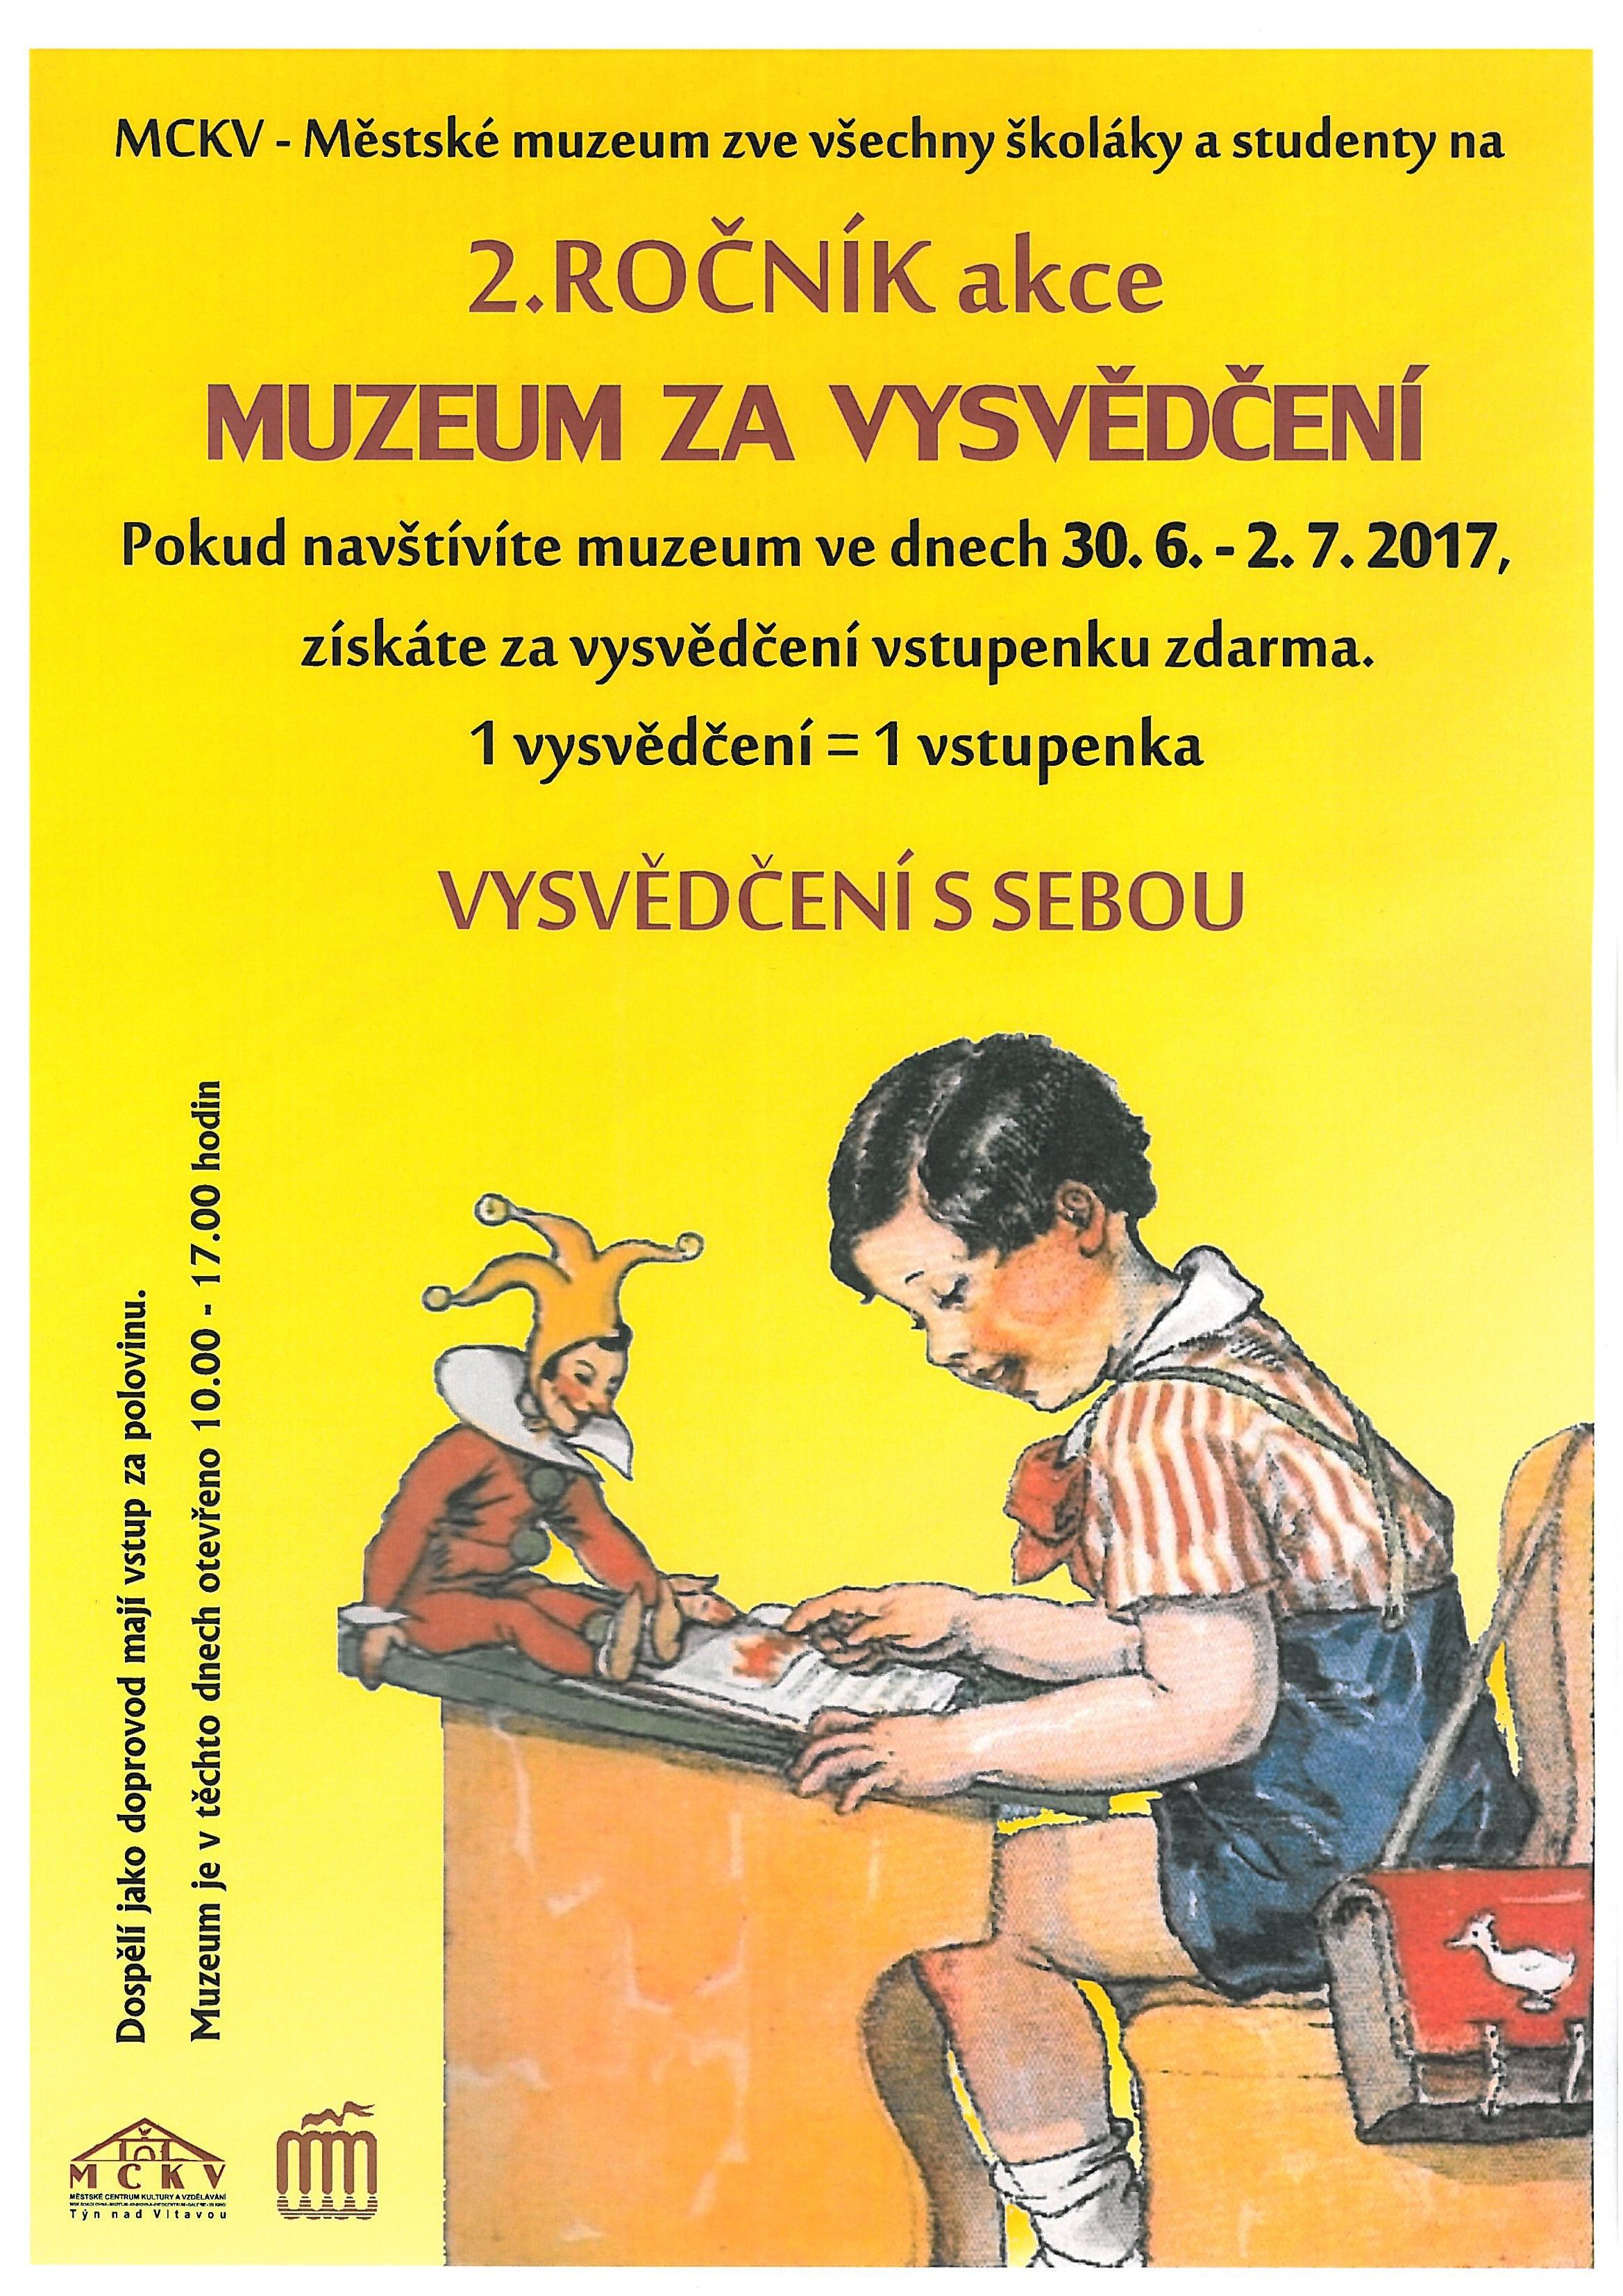 Muzeum za vysvědčení